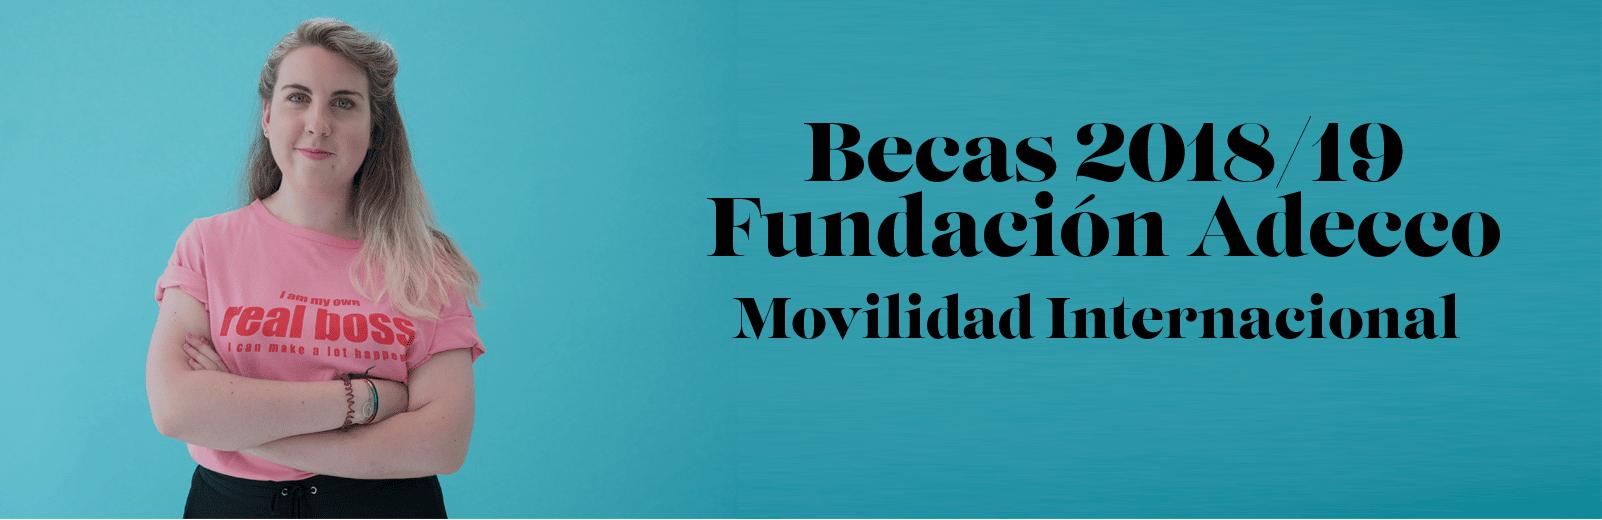 Becas de movilidad internacional para estudiantes con discapacidad | @percebesygrelos quiere que pidas una beca de movilidad internacional para estudiantes de Grado, Máster o FP con discapacidad